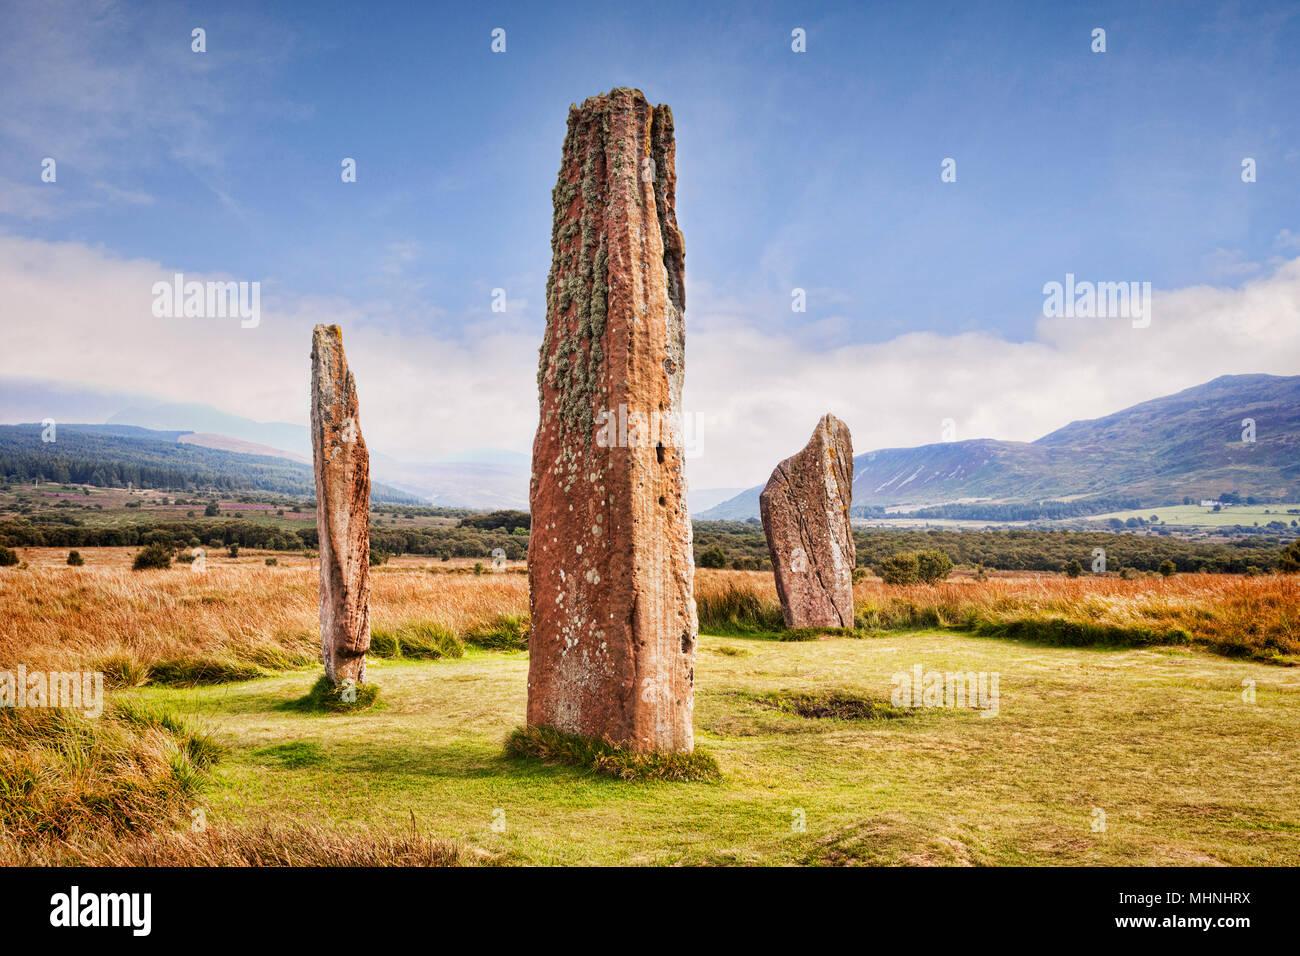 Machrie Moor 2 Stone Circle, einem 4000 Jahre alten Megalith-monument auf der Insel Arran, North Ayrshire, Schottland. Stockfoto